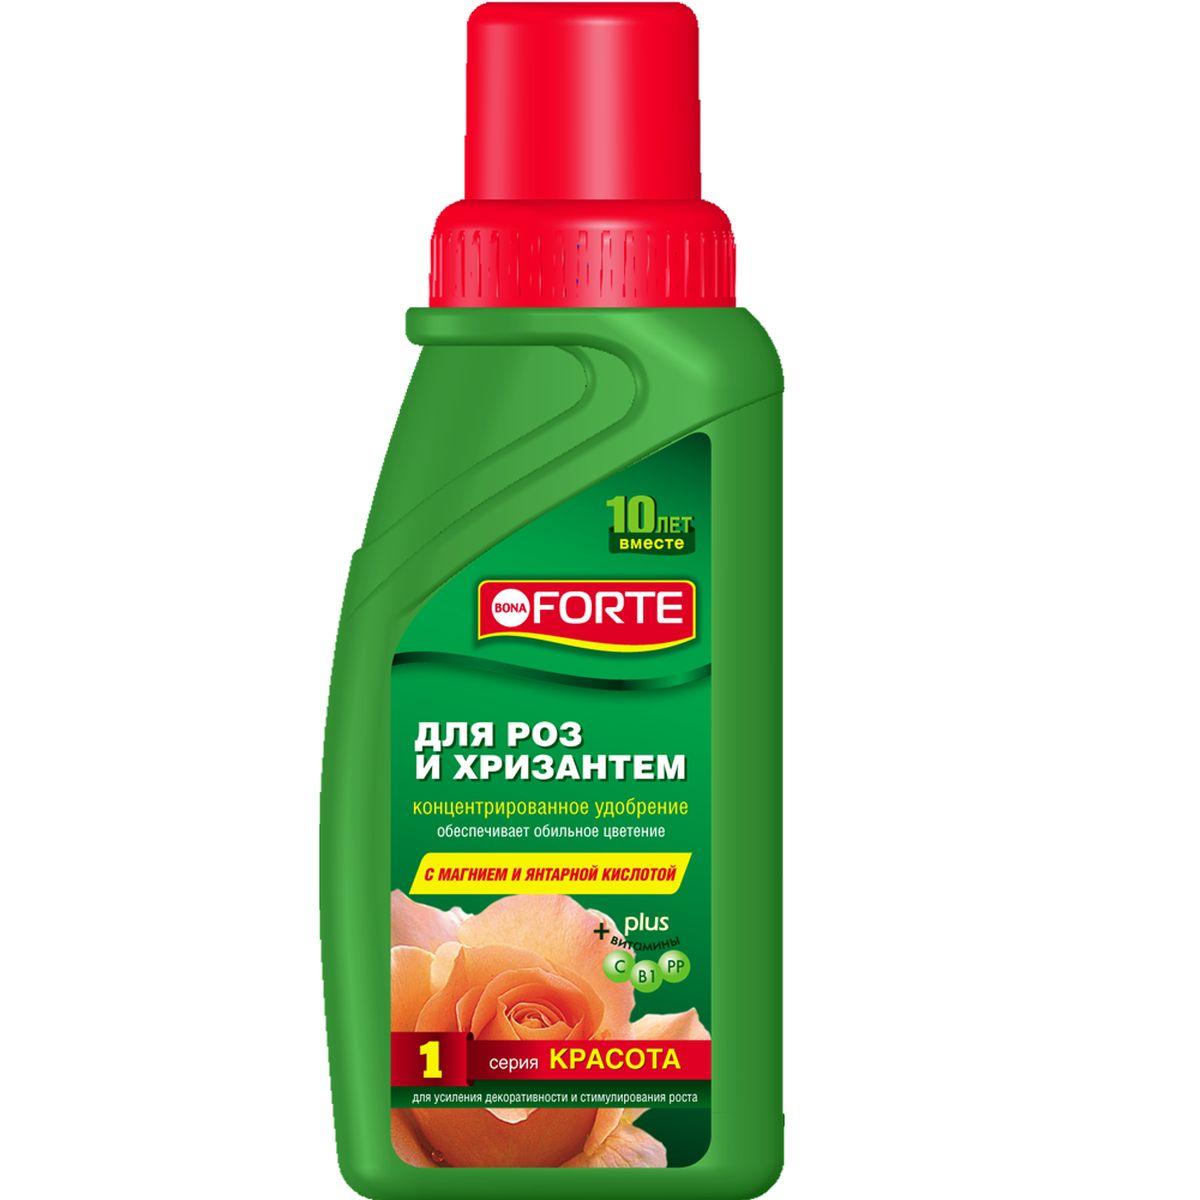 Жидкое комплексное удобрение Bona Forte, для роз и хризантем, 285 млC0038550Стимулирует повторное цветение и образование новых бутонов, укрепляет иммунитет растений.Состав: Три основных макроэлемента (NPK): азот (N) - 3 %, фосфор (P2O5) - 4 %, калий (K2O) - 8 %;Основной мезоэлемент (Mg): магний(MgO) - 0,6 %Семь микроэлементов: бор, железо, марганец, цинк, медь, молибден, кобальт. Из них шесть микроэлементов в хелатной форме: железо, марганец, цинк, медь, молибден, кобальт. Комплекс витаминов: B1, PP, С. Стимулятор роста: янтарная кислота.